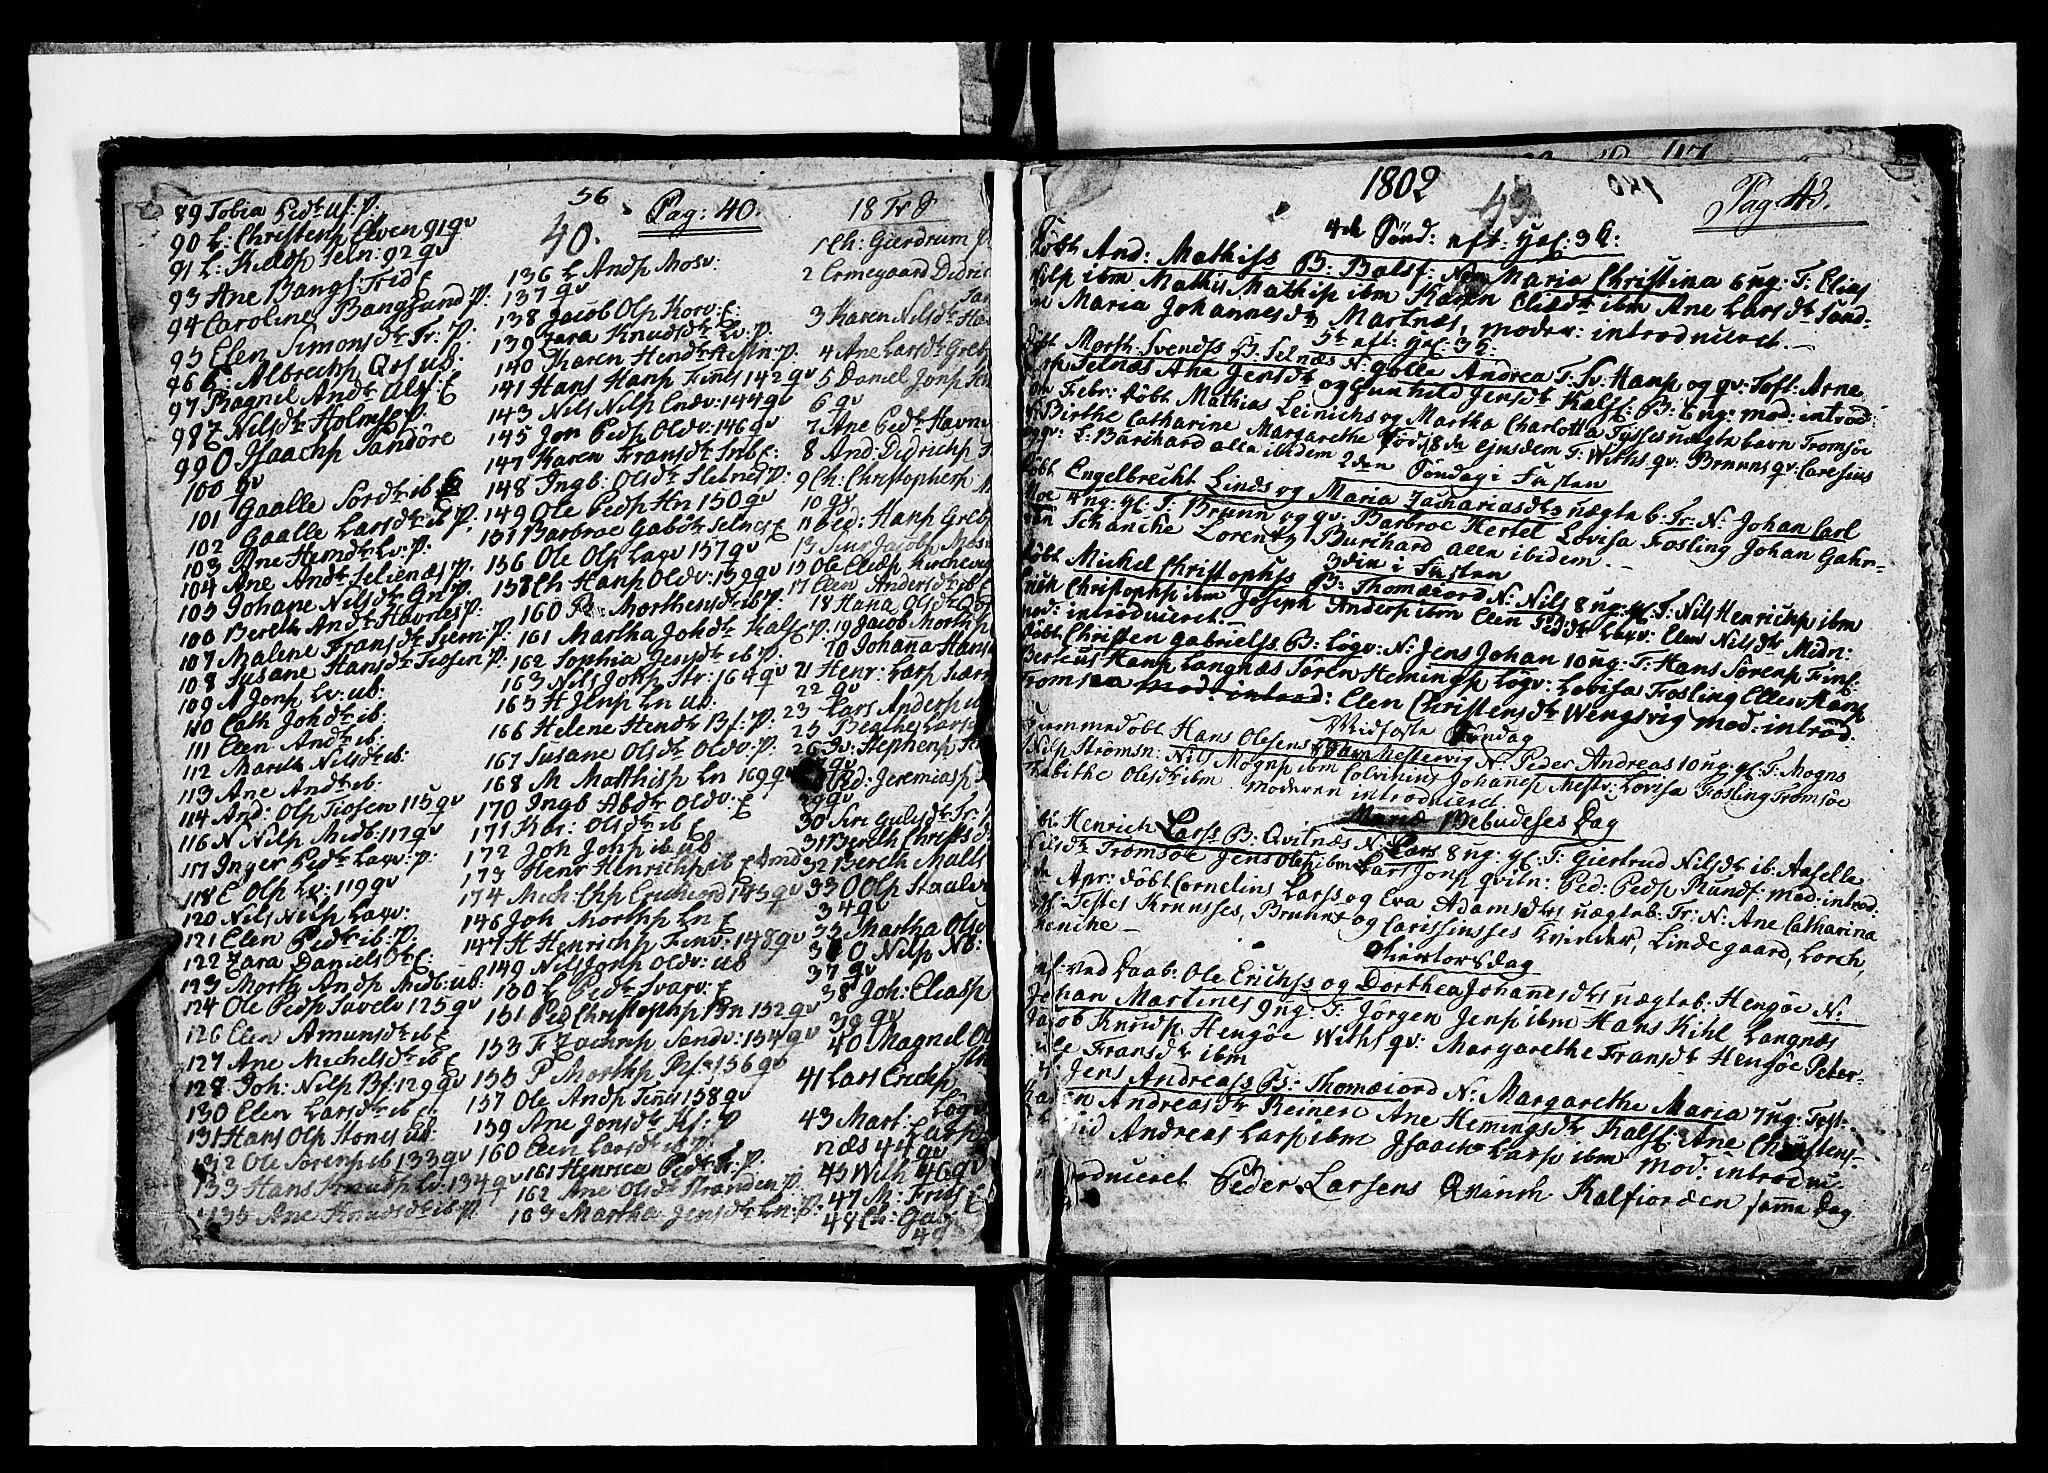 SATØ, Tromsø sokneprestkontor/stiftsprosti/domprosti, G/Ga/L0005kirke: Ministerialbok nr. 5, 1796-1808, s. 42-43